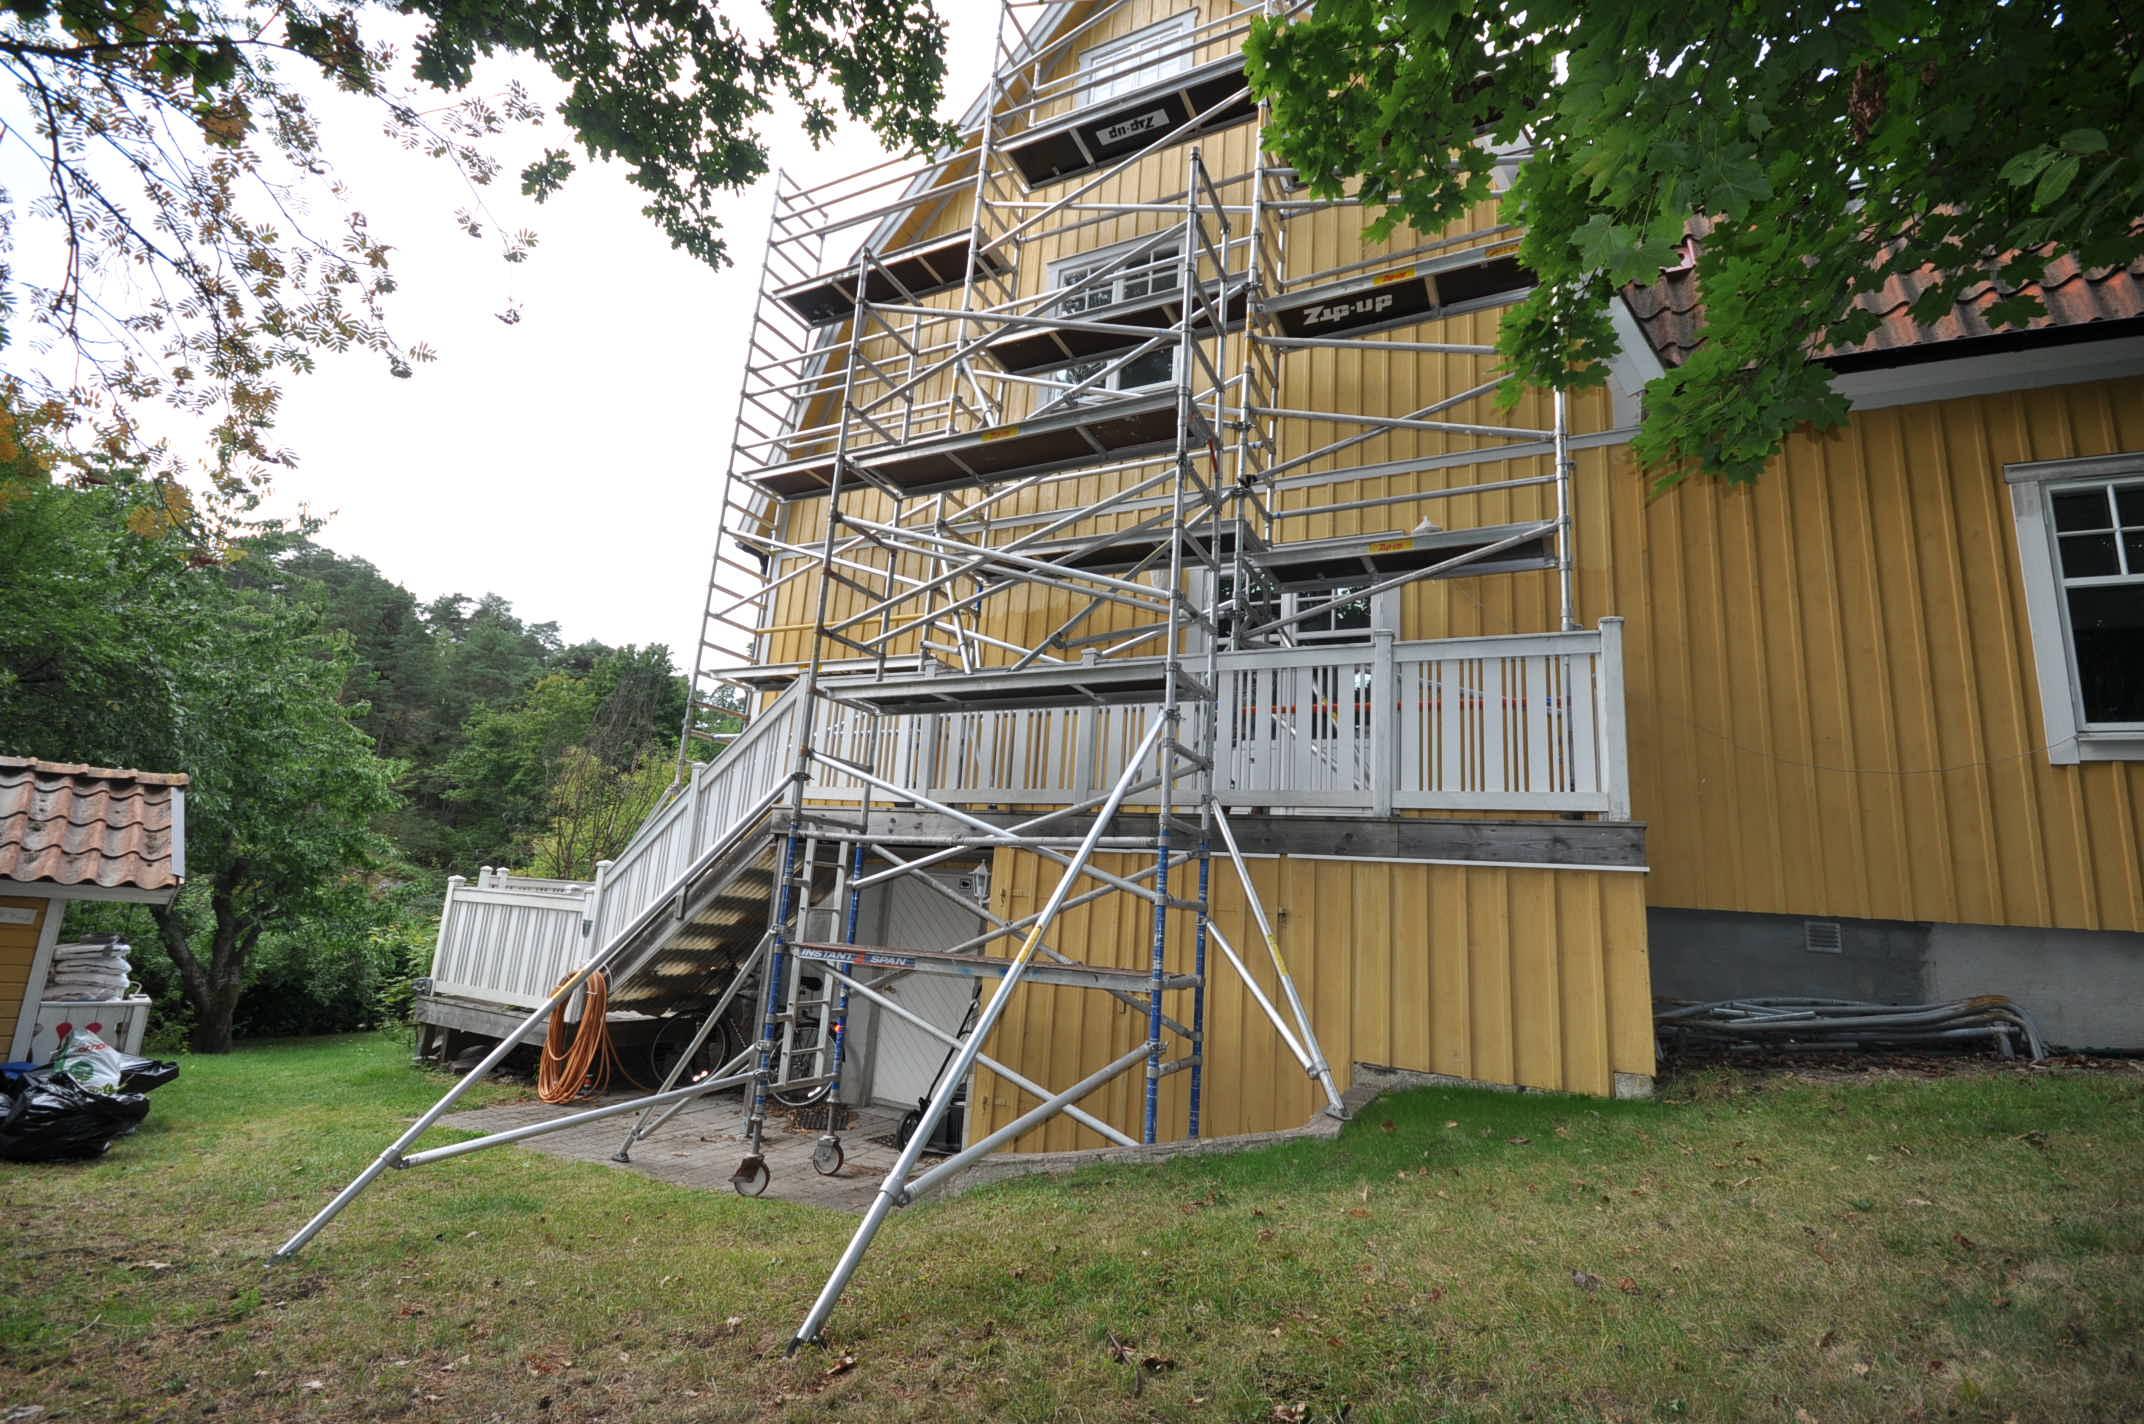 Hyr byggställning Stockholm (6)